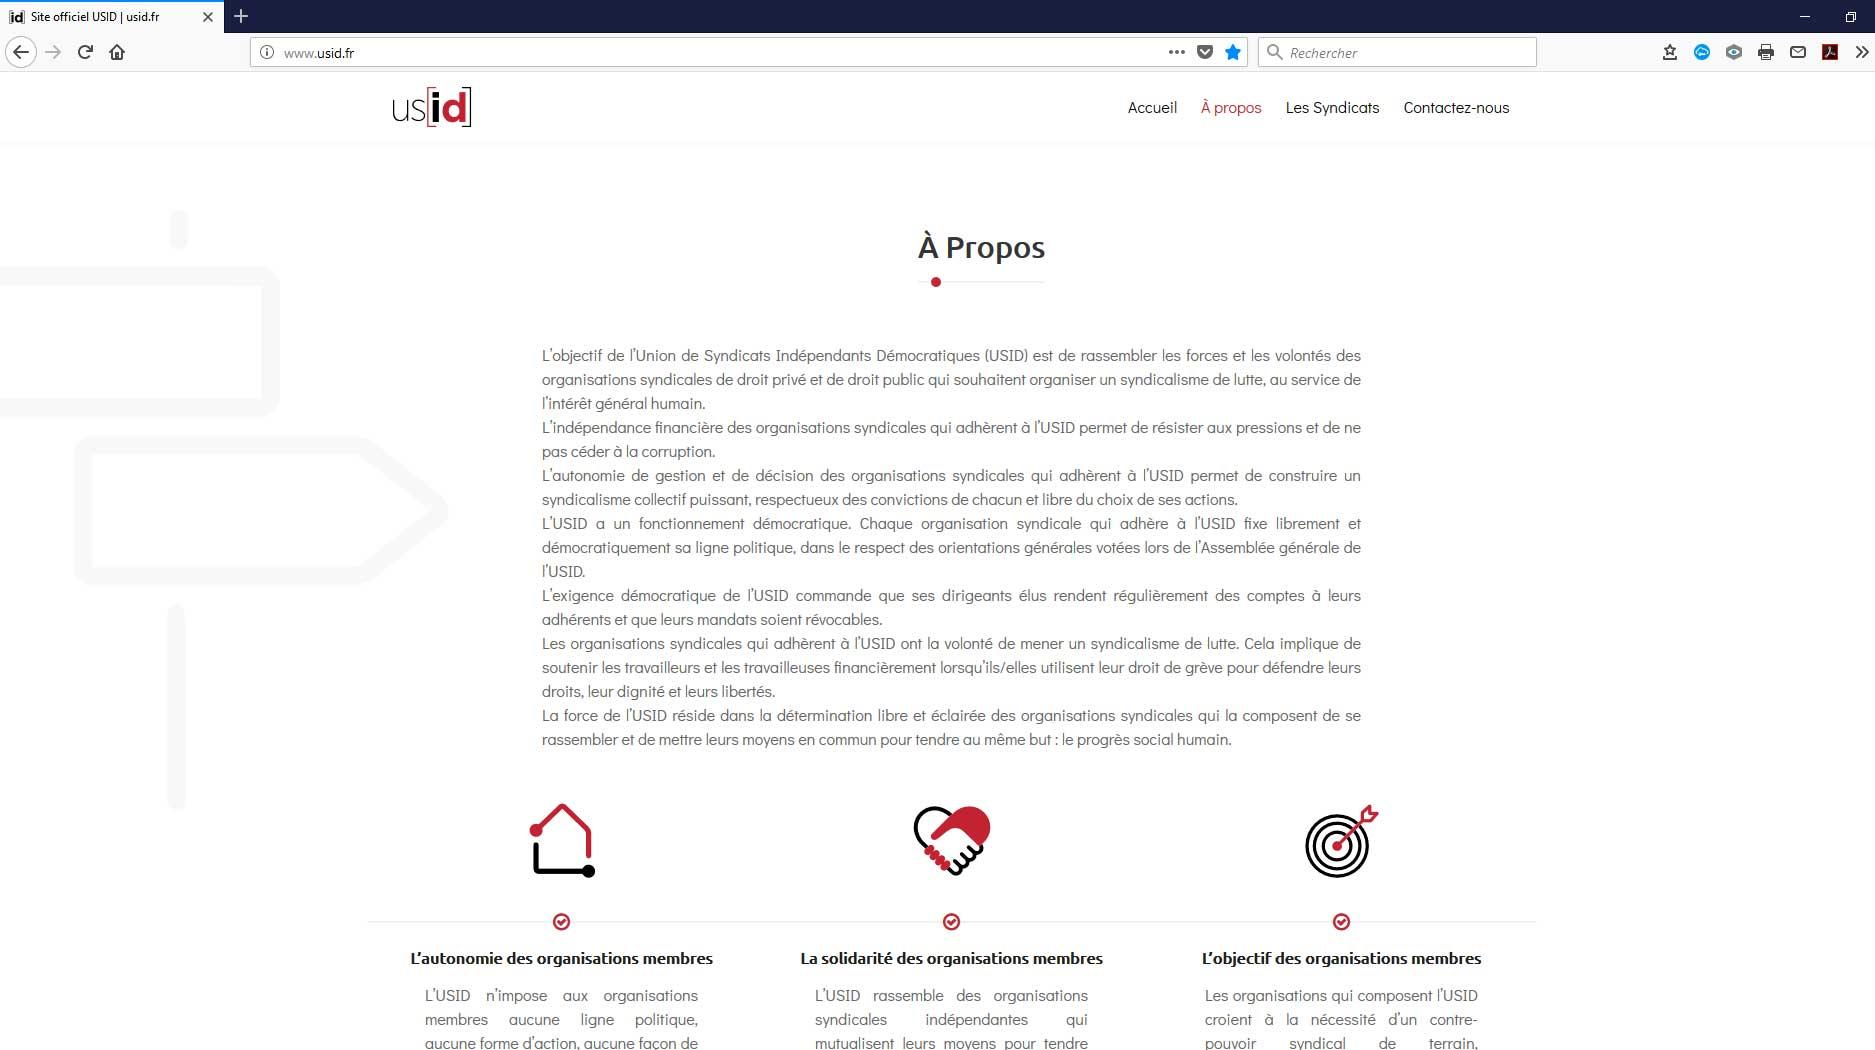 Naissance de L'USID : l'Union de Syndicats Indépendants Démocratiques